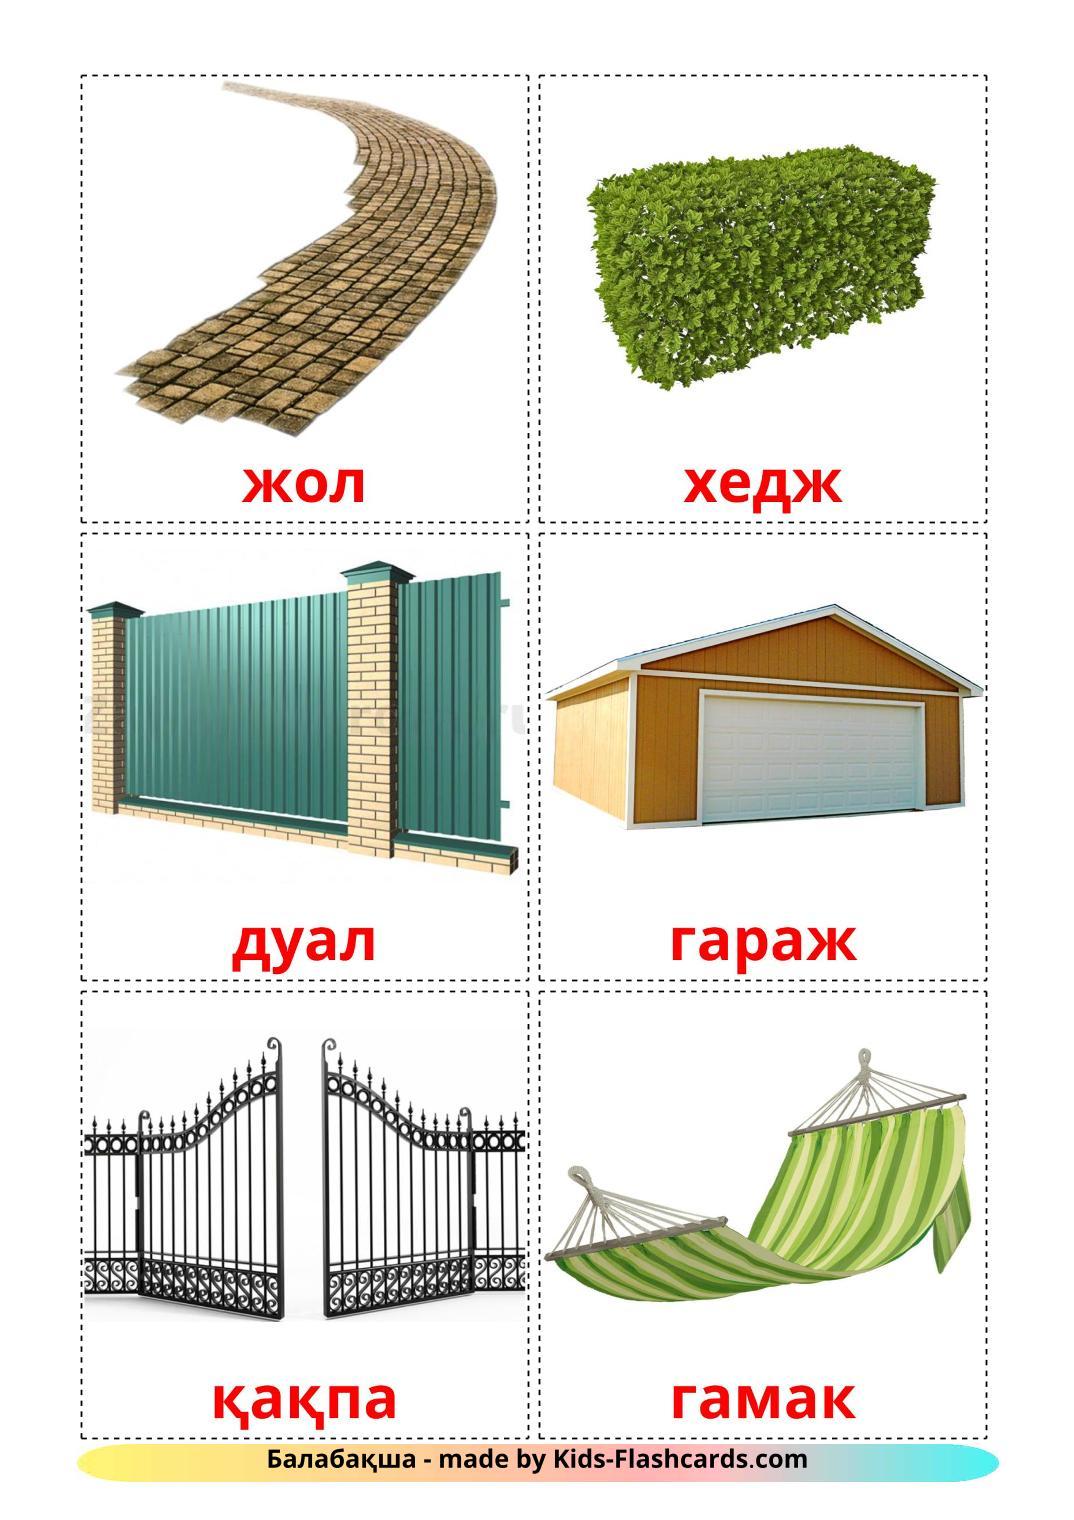 Garden - 18 Free Printable kazakh Flashcards